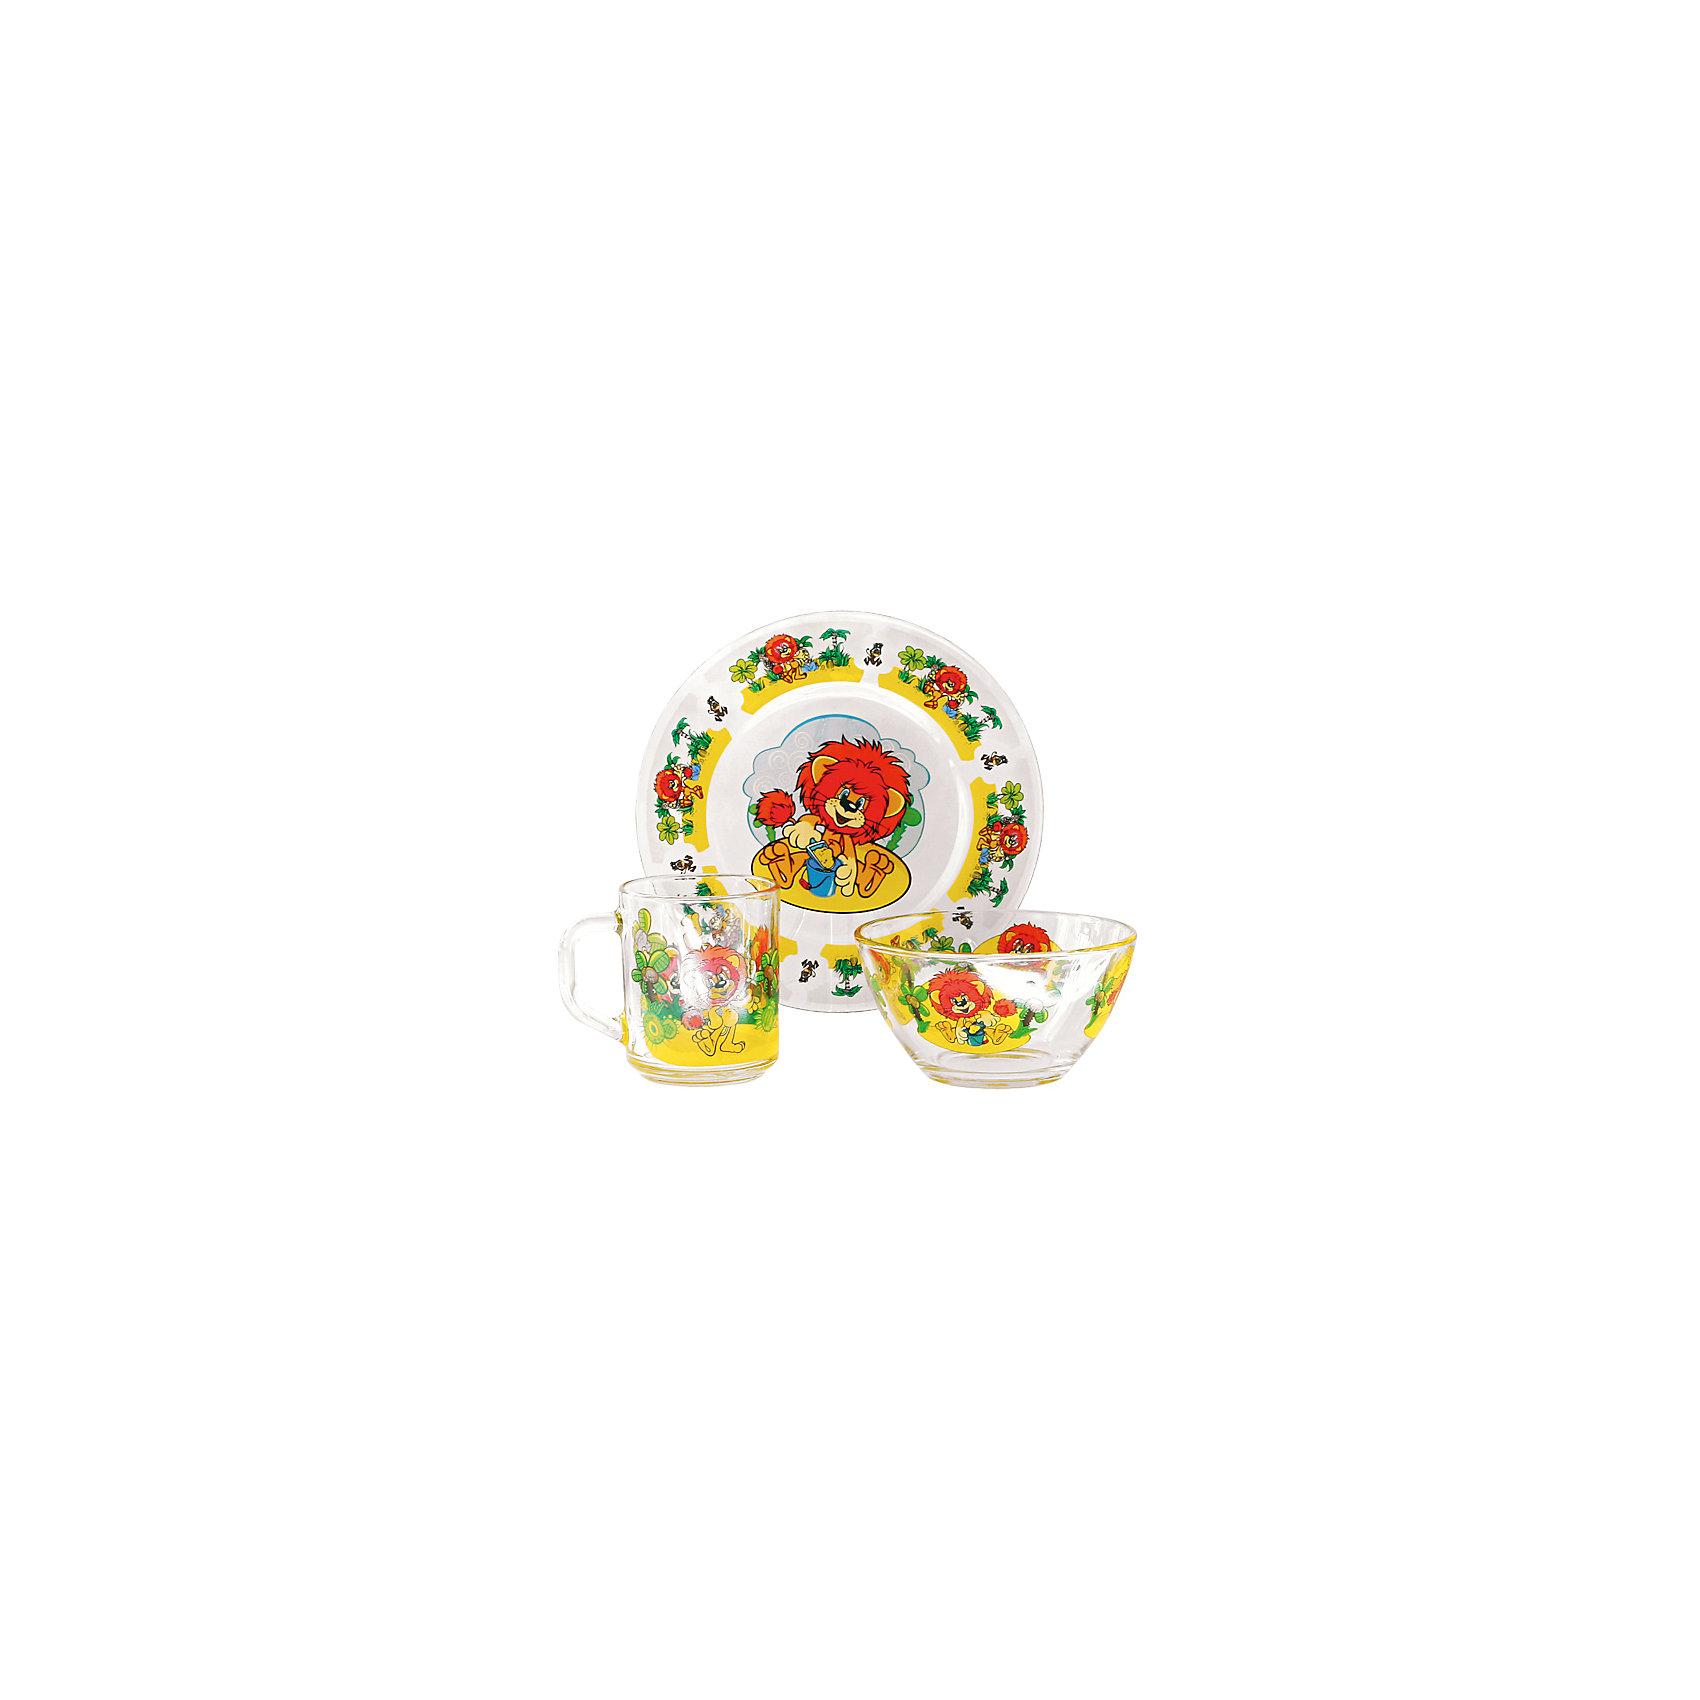 Набор посуды Львенок (стекло, 3 предмета)Советские мультфильмы<br>Завтракать, обедать, ужинать с любимыми героями - приятнее и вкуснее! Набор посуды с изображением культовых и всем известных персонажей студии Союзмультфильм обязательно понравится детям! Набор состоит из кружки, плоской тарелки и салатника. Кружка среднего размера идеально подойдет для детских рук. Посуда выполнена из ударопрочного стекла, раскрашена стойкими гипоаллергенными красителями безопасными для детей. Яркий набор посуды станет прекрасным подарком на любой праздник. <br><br>Дополнительная информация:<br><br>- Материал: стекло.<br>- Комплектация, 3 предмета: кружка, салатник, плоская тарелка. <br>- Размер: салатник, d - 13 см, тарелка, d - 20 см.<br>- Объем кружки: 200 мл.<br>- Размер упаковки: 20х20х10 см.<br>- Можно мыть в посудомоечной машине.<br><br>Набор посуды Львенок (стекло, 3 предмета), можно купить в нашем магазине.<br><br>Ширина мм: 200<br>Глубина мм: 200<br>Высота мм: 95<br>Вес г: 930<br>Возраст от месяцев: 36<br>Возраст до месяцев: 108<br>Пол: Унисекс<br>Возраст: Детский<br>SKU: 4536281